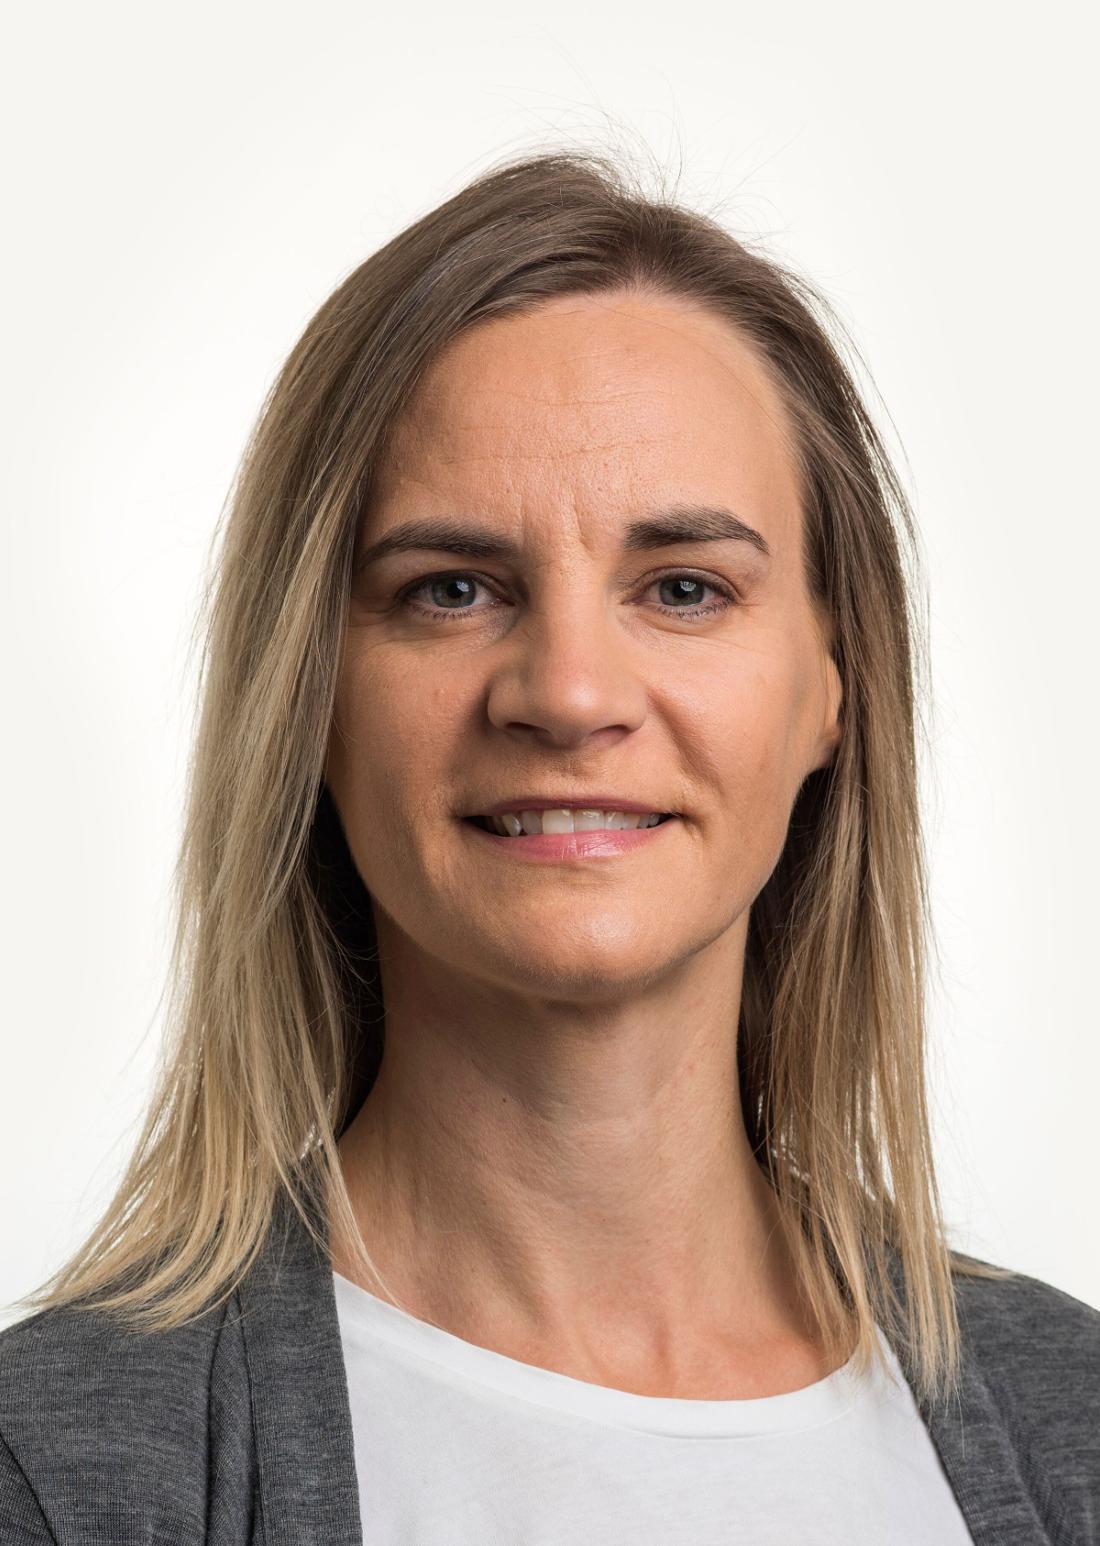 Dr Kate Wegener